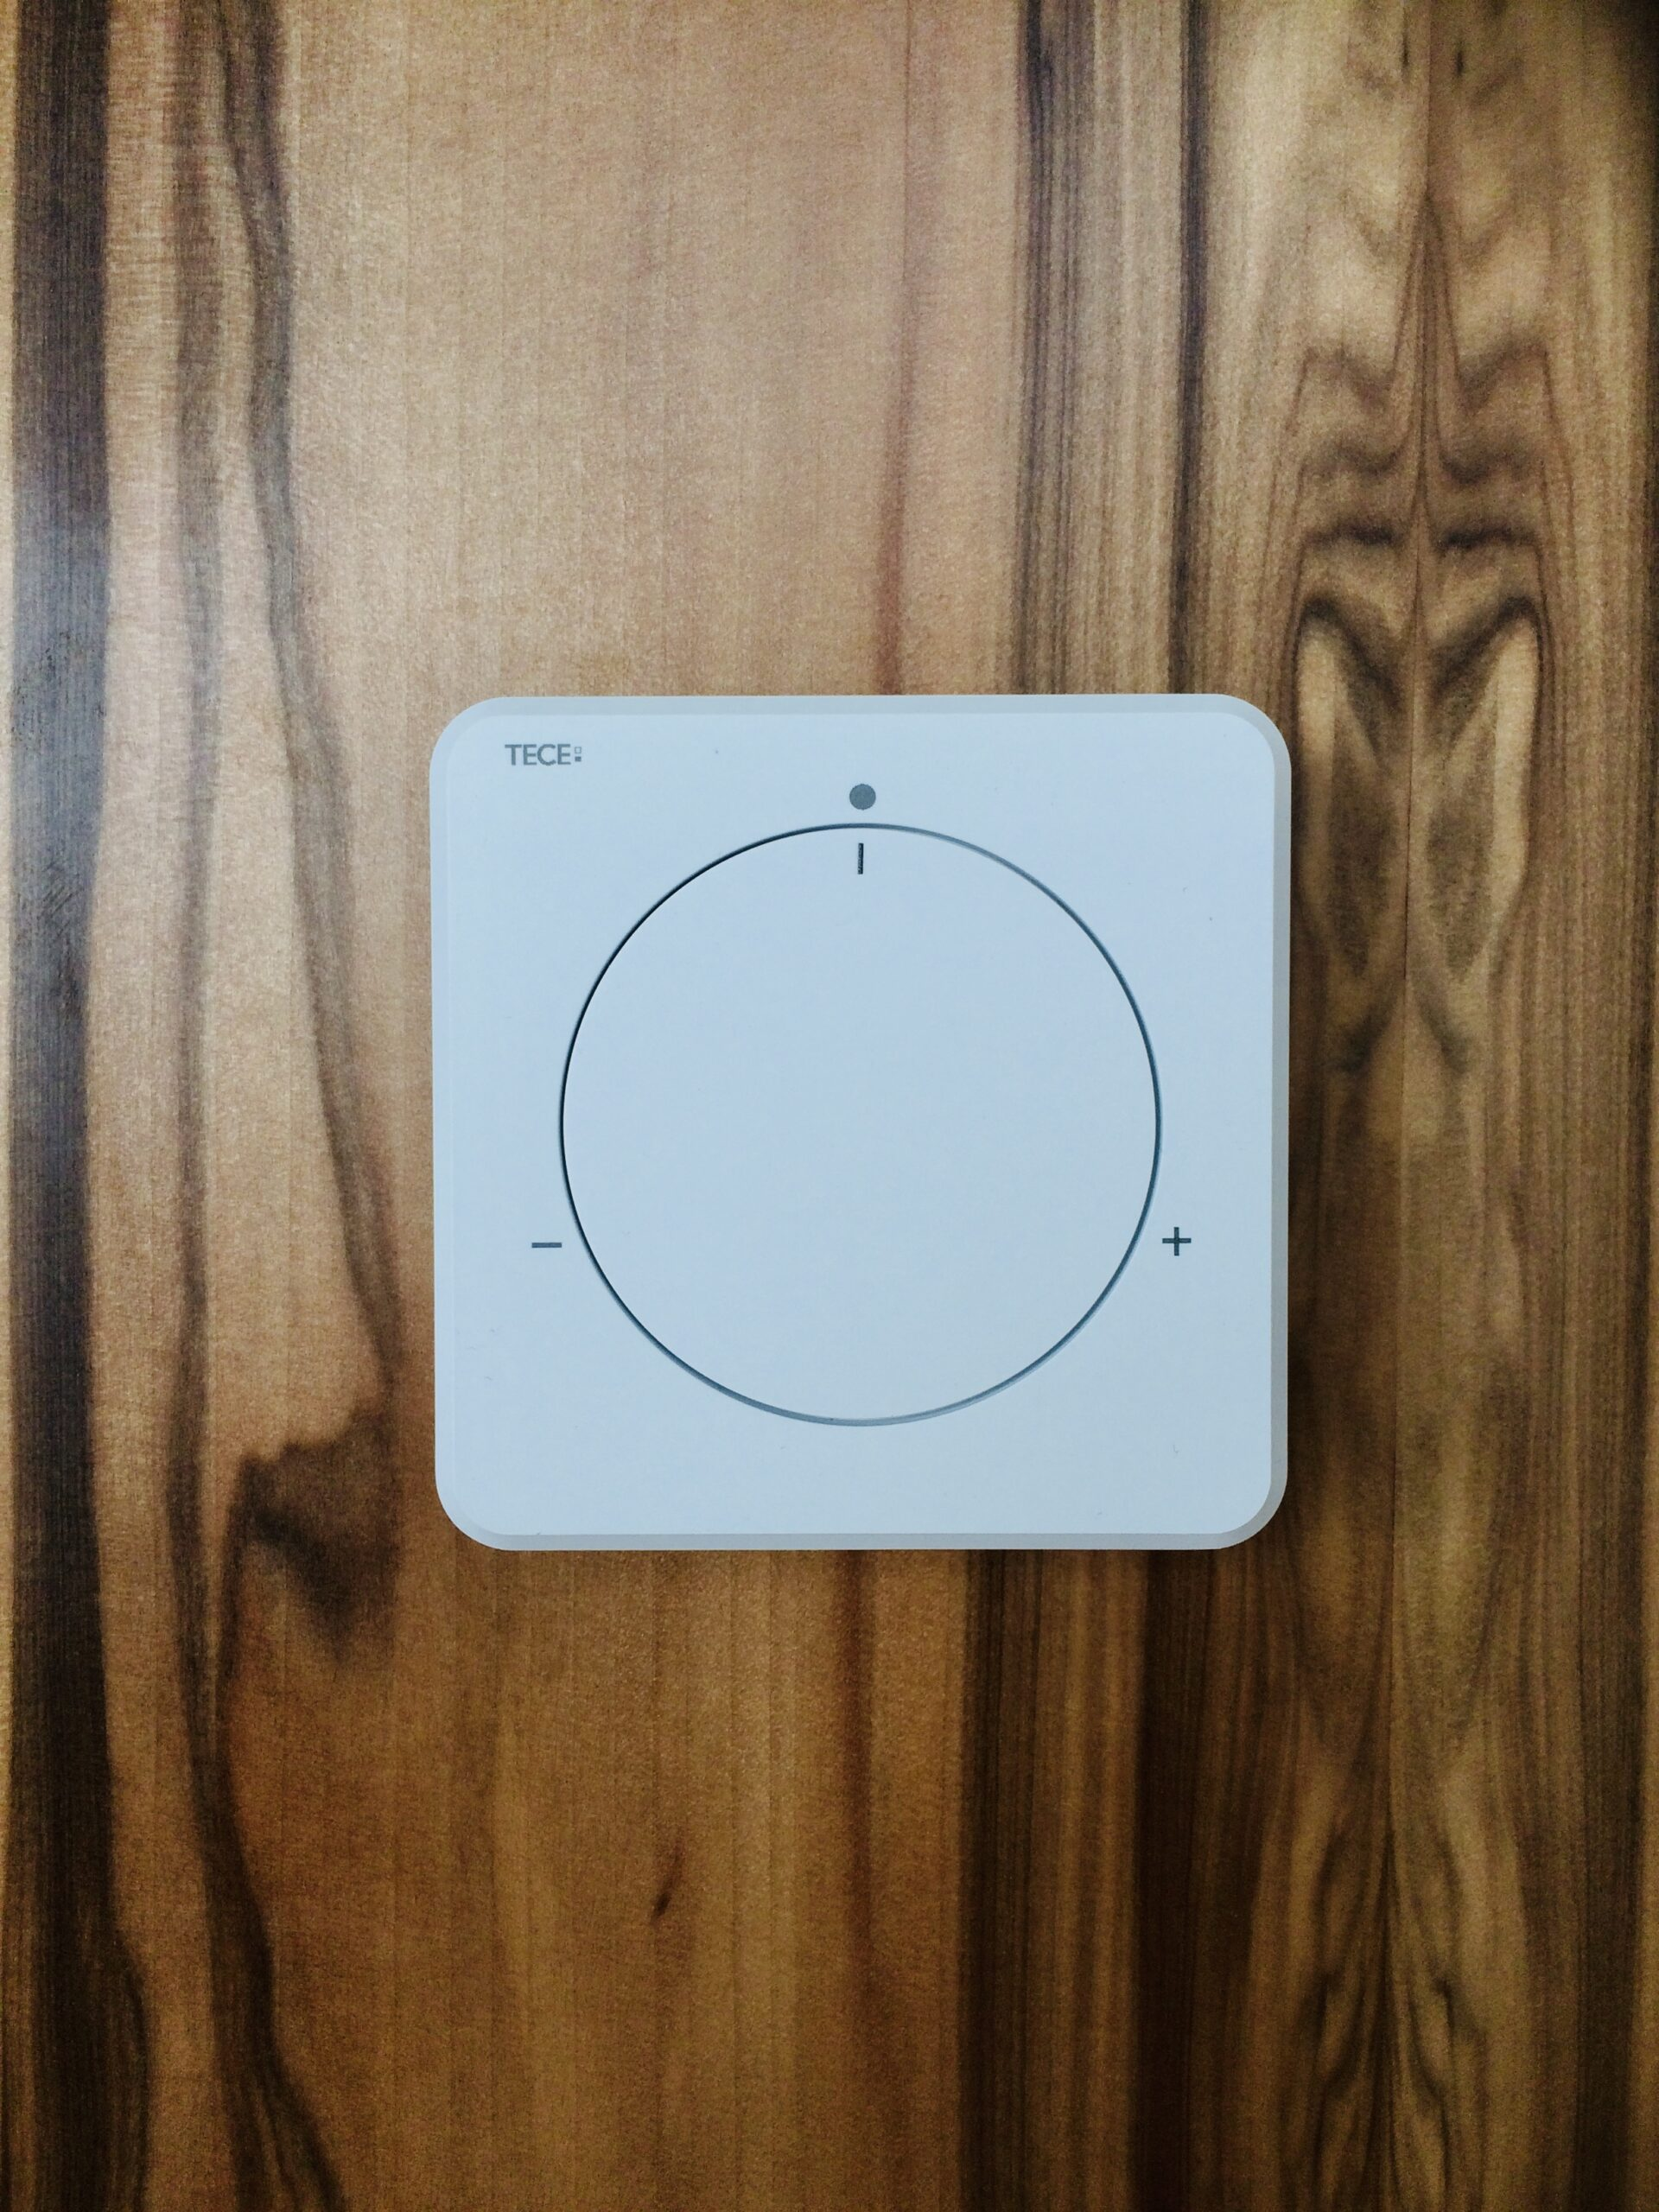 termostat | sterowanie strefowe ogrzewaniem | TECE | HMI Szczecin